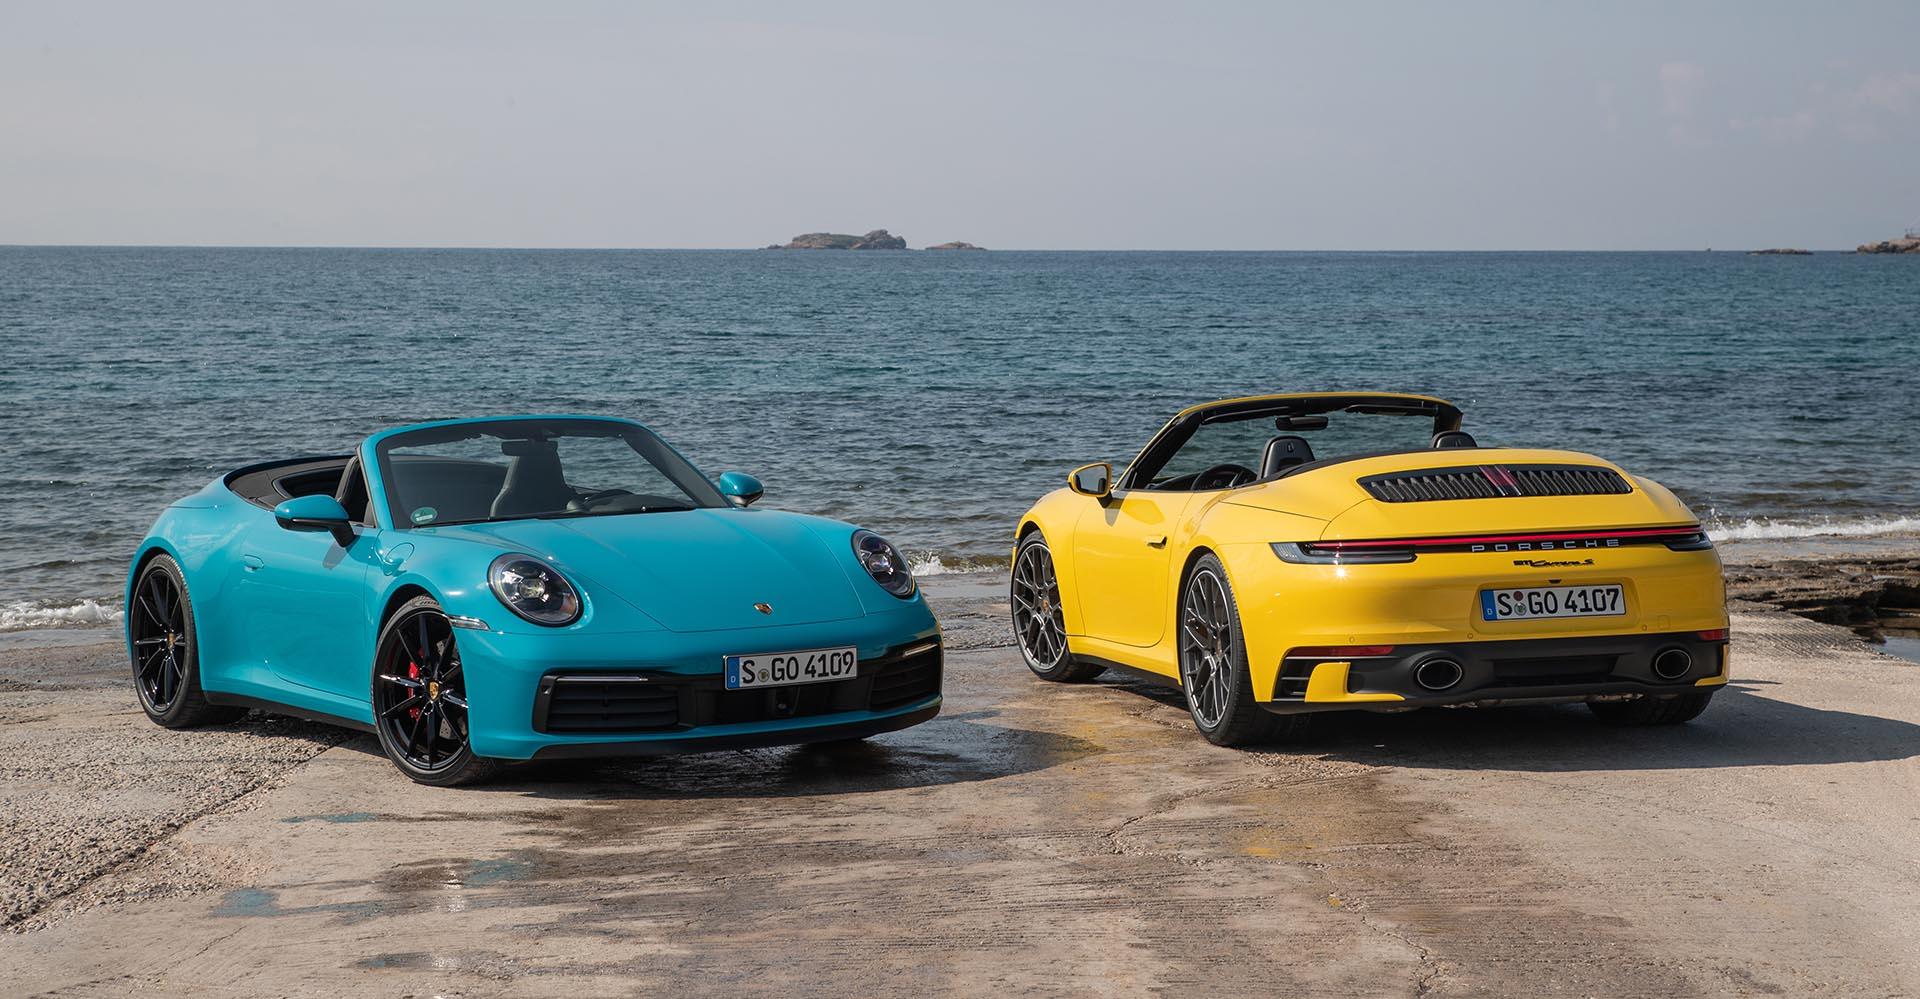 مواصفات وأسعار بورشه 911 الجديدة في المنطقة | Arabs Auto